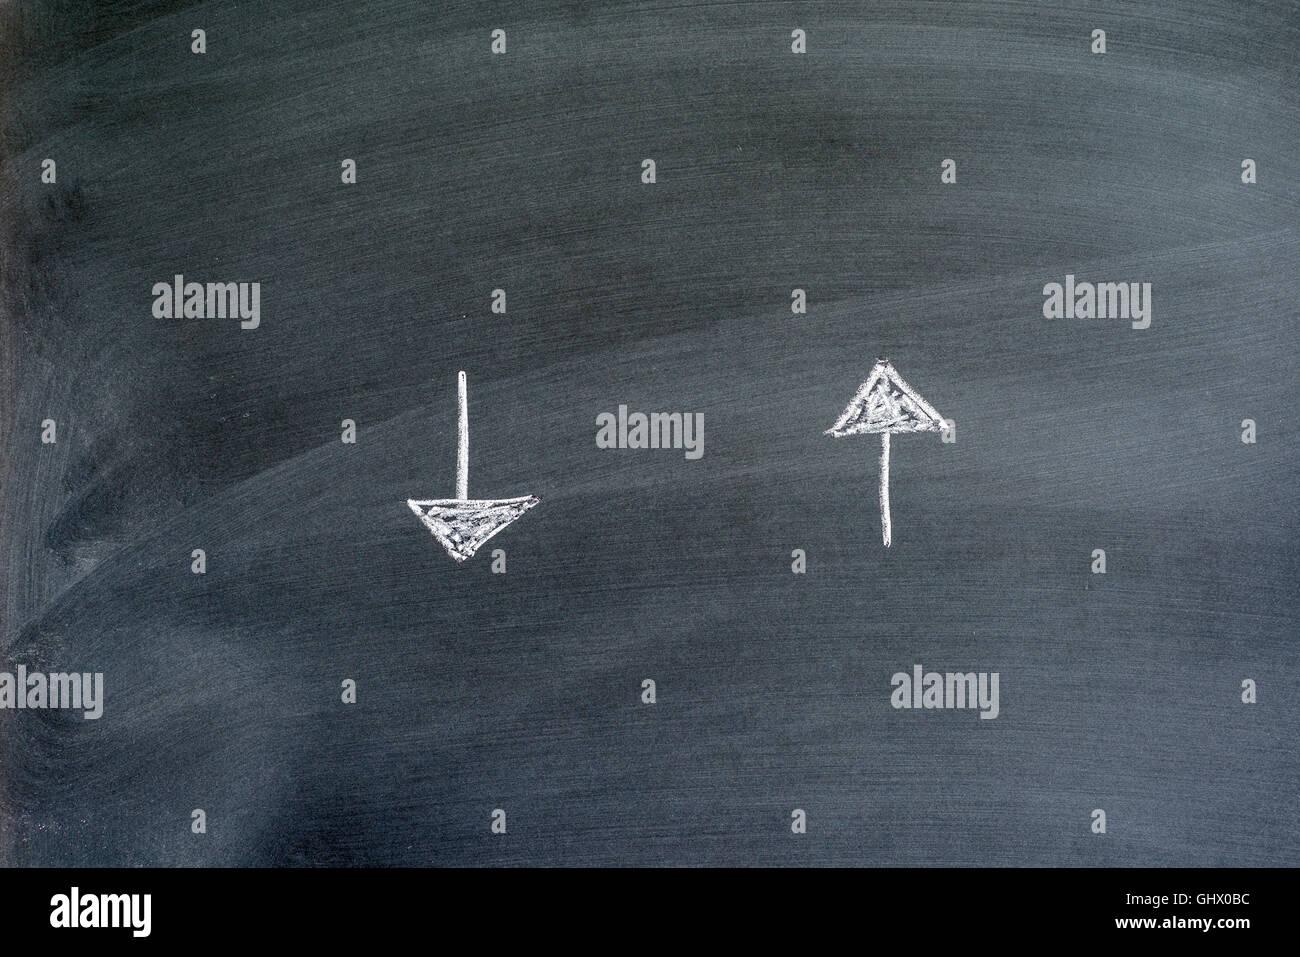 directional arrows written on a chalkboard - Stock Image